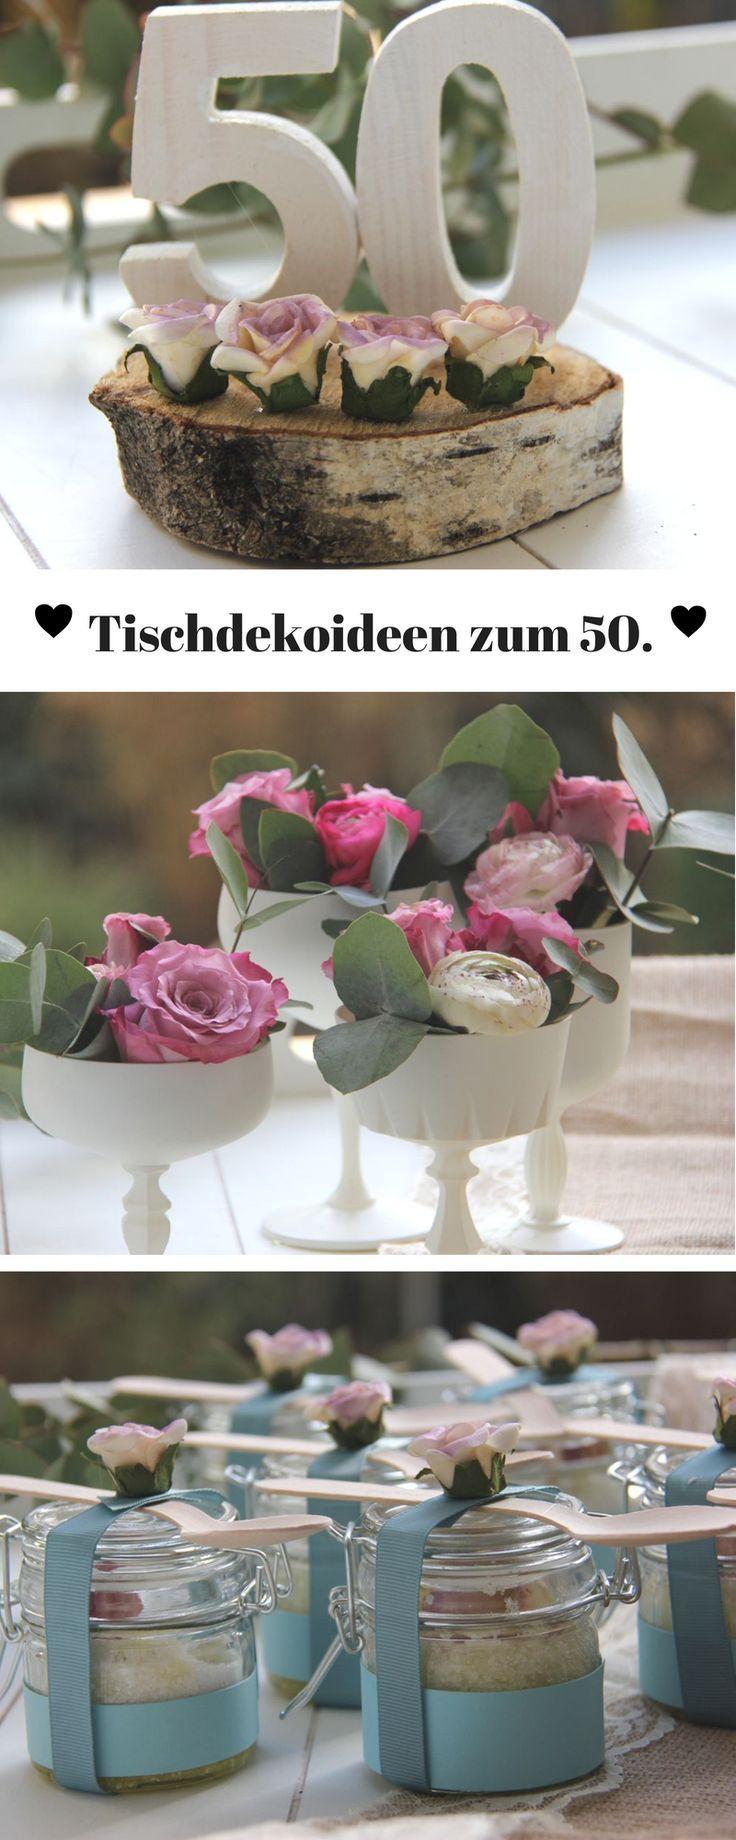 Vintage Tischdekoration Zum 50 Geburtstag Geburtstag